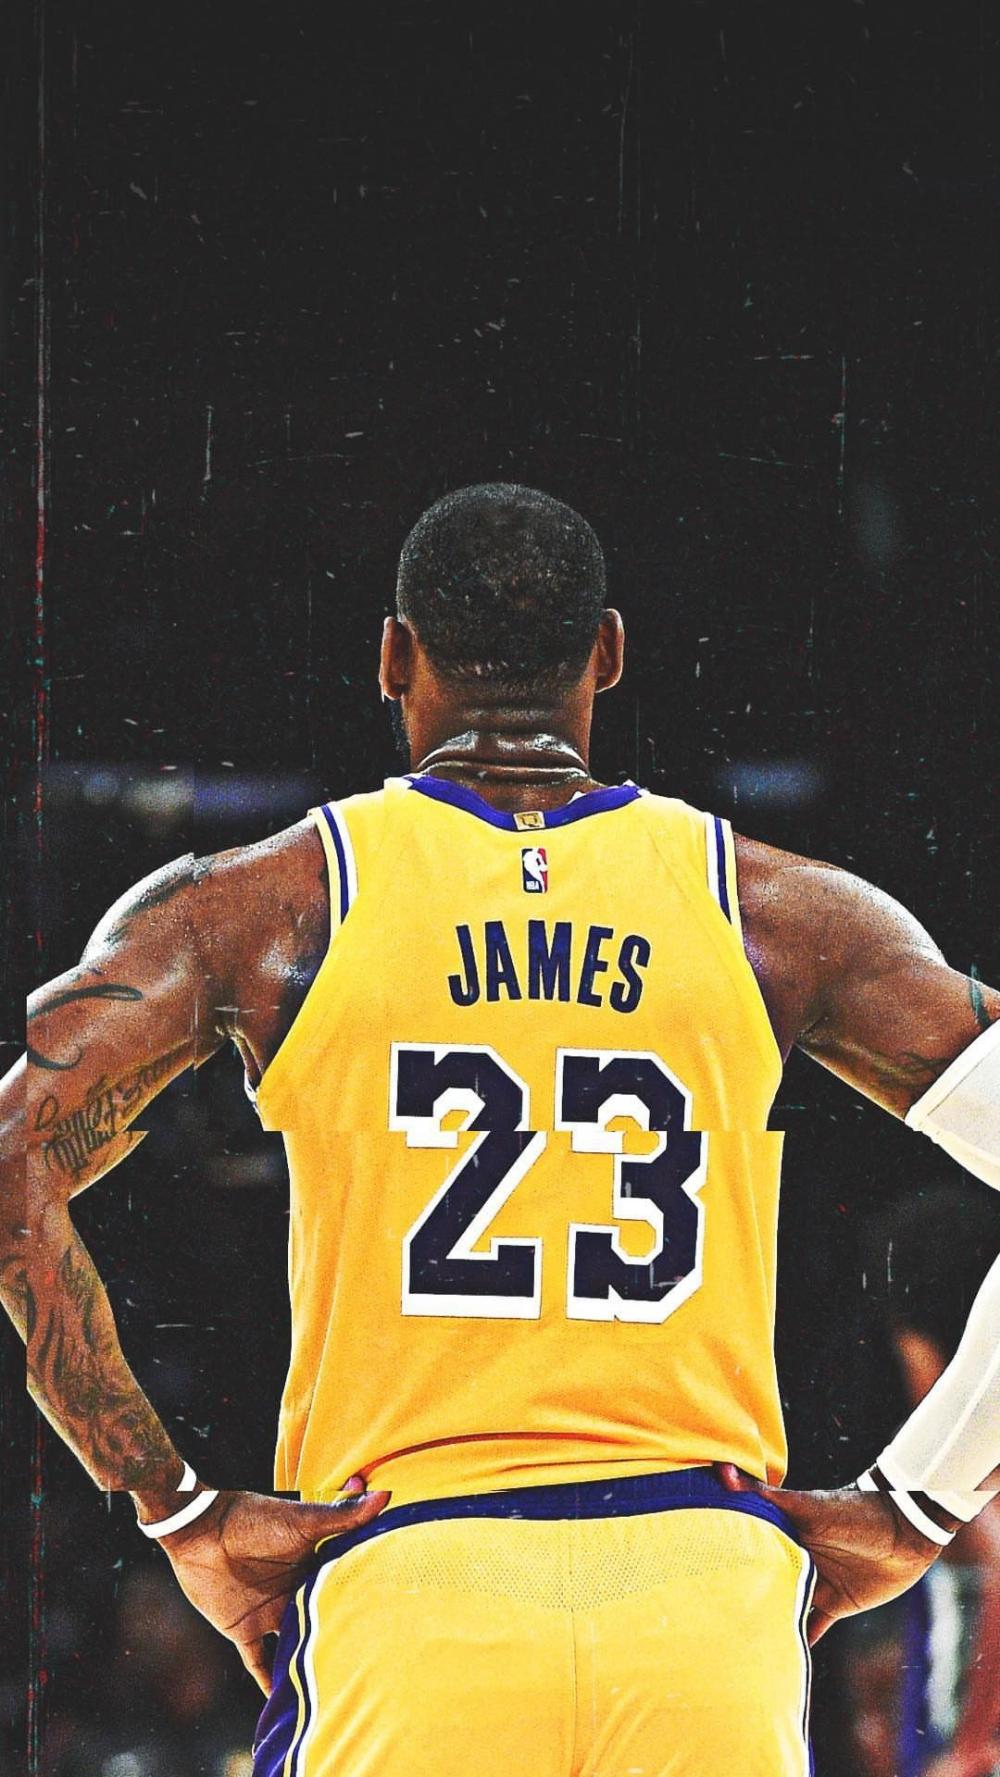 Anthony Davis Lakers Lebron Wallpaper Google Search Nba Fond D Ecran Nba Lebron James